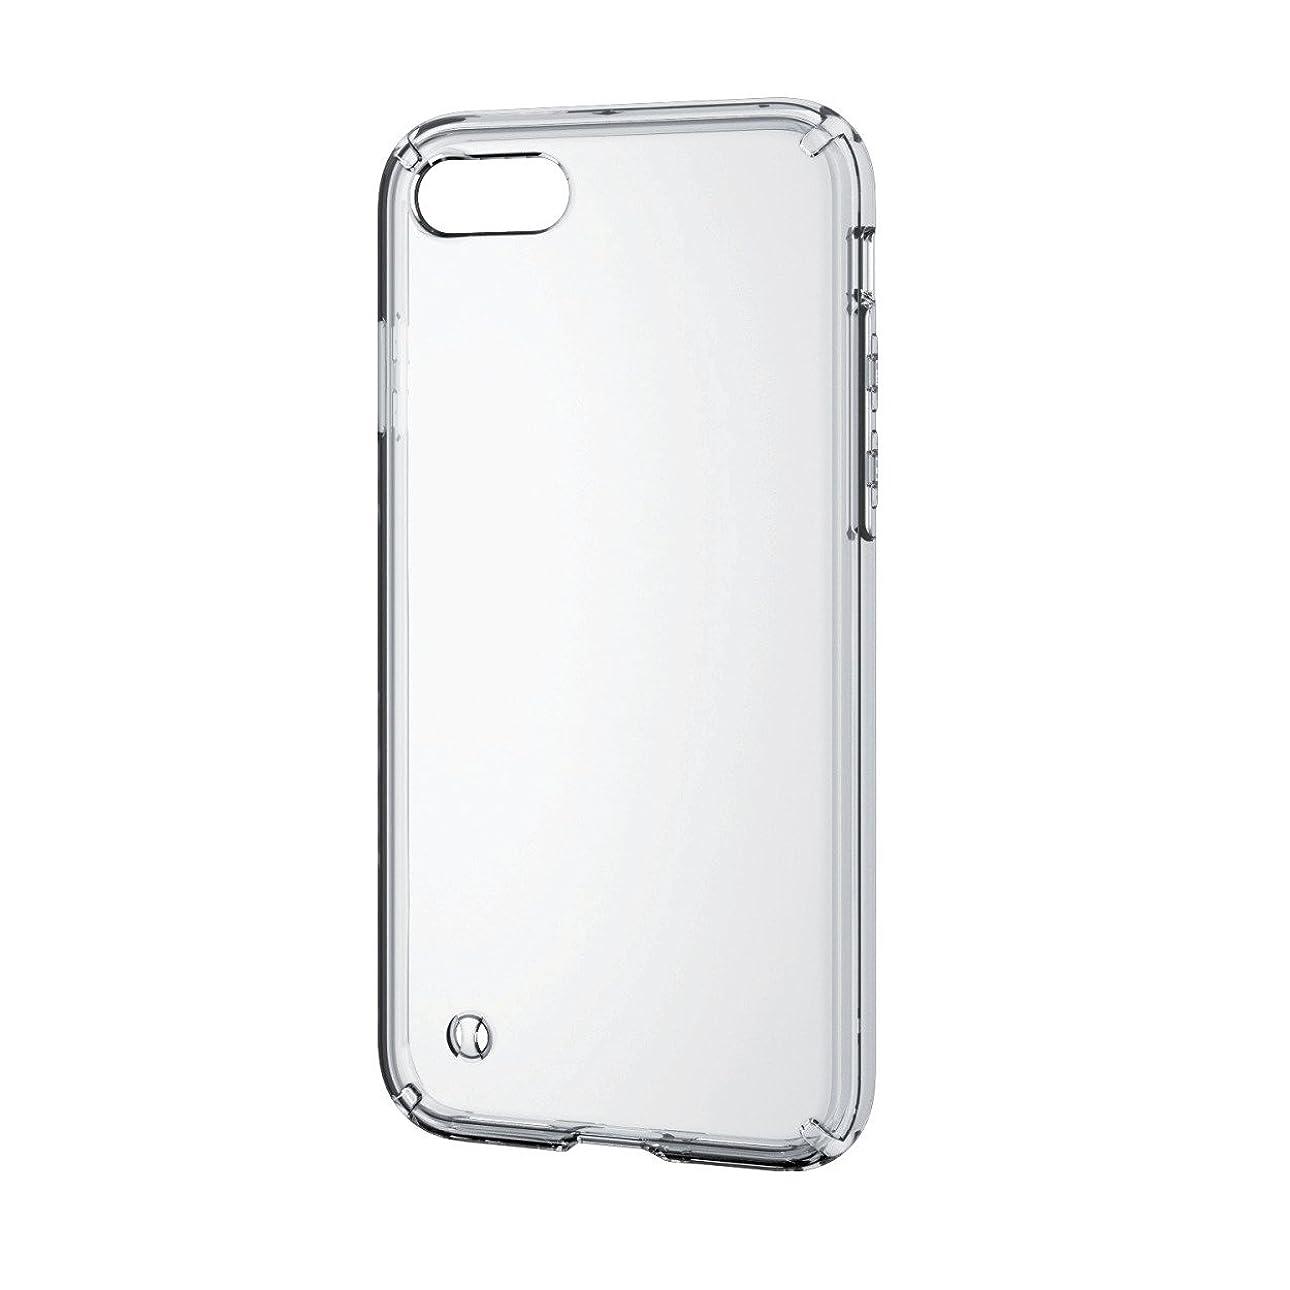 ジャンクション習熟度策定するエレコム iPhone8 ケース カバー ハイブリッド 衝撃吸収 透明 【端子?ボタン回りまで保護する設計/ストラップホール付き】 iPhone7 対応 クリア PM-A17MHVCCR